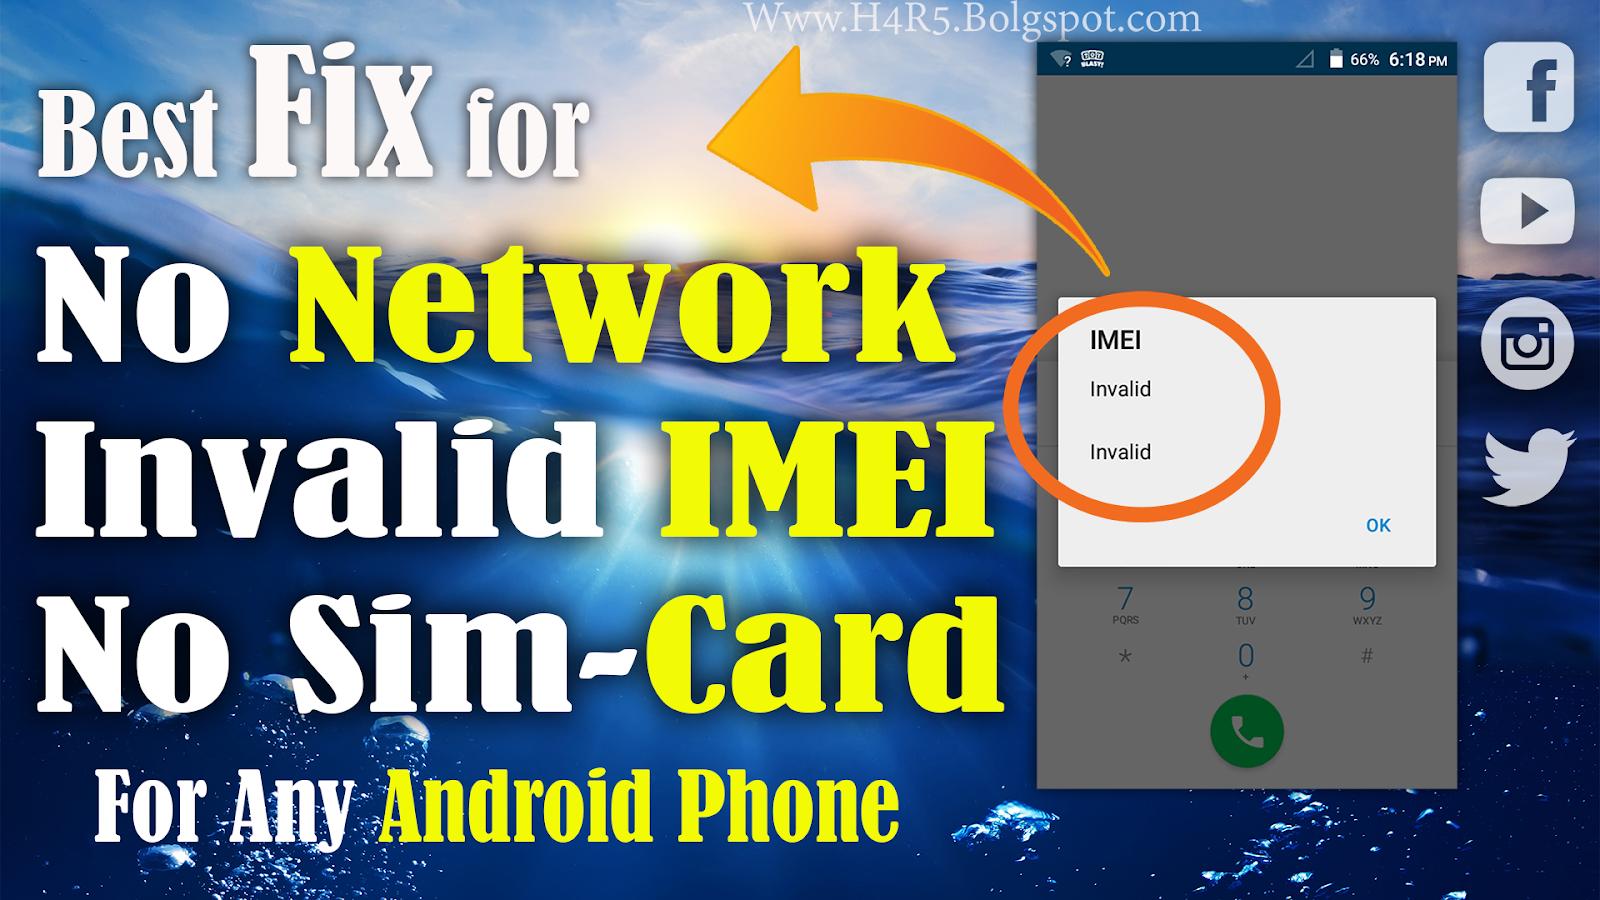 Fix IMEI no / No Sim Card/ No Network - H4r5